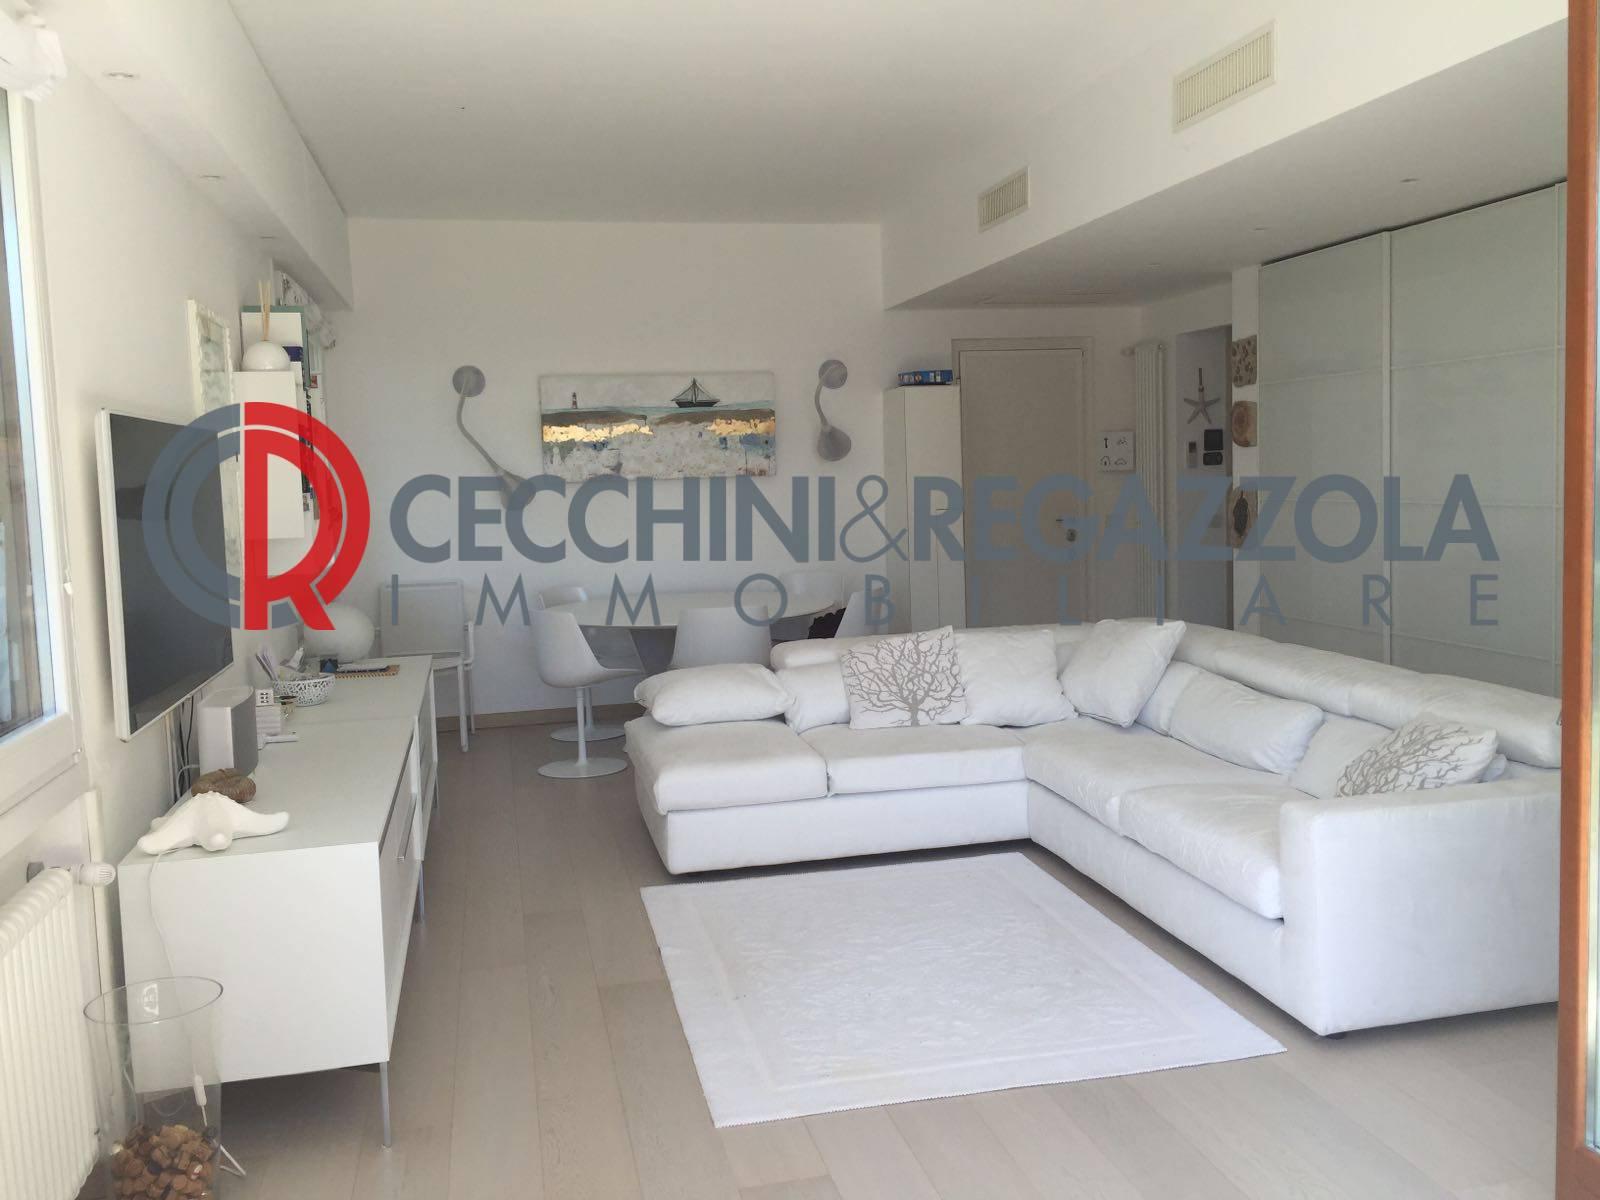 Cecchini Camere Da Letto.Appartamento In Vendita A Rapallo Cod 67